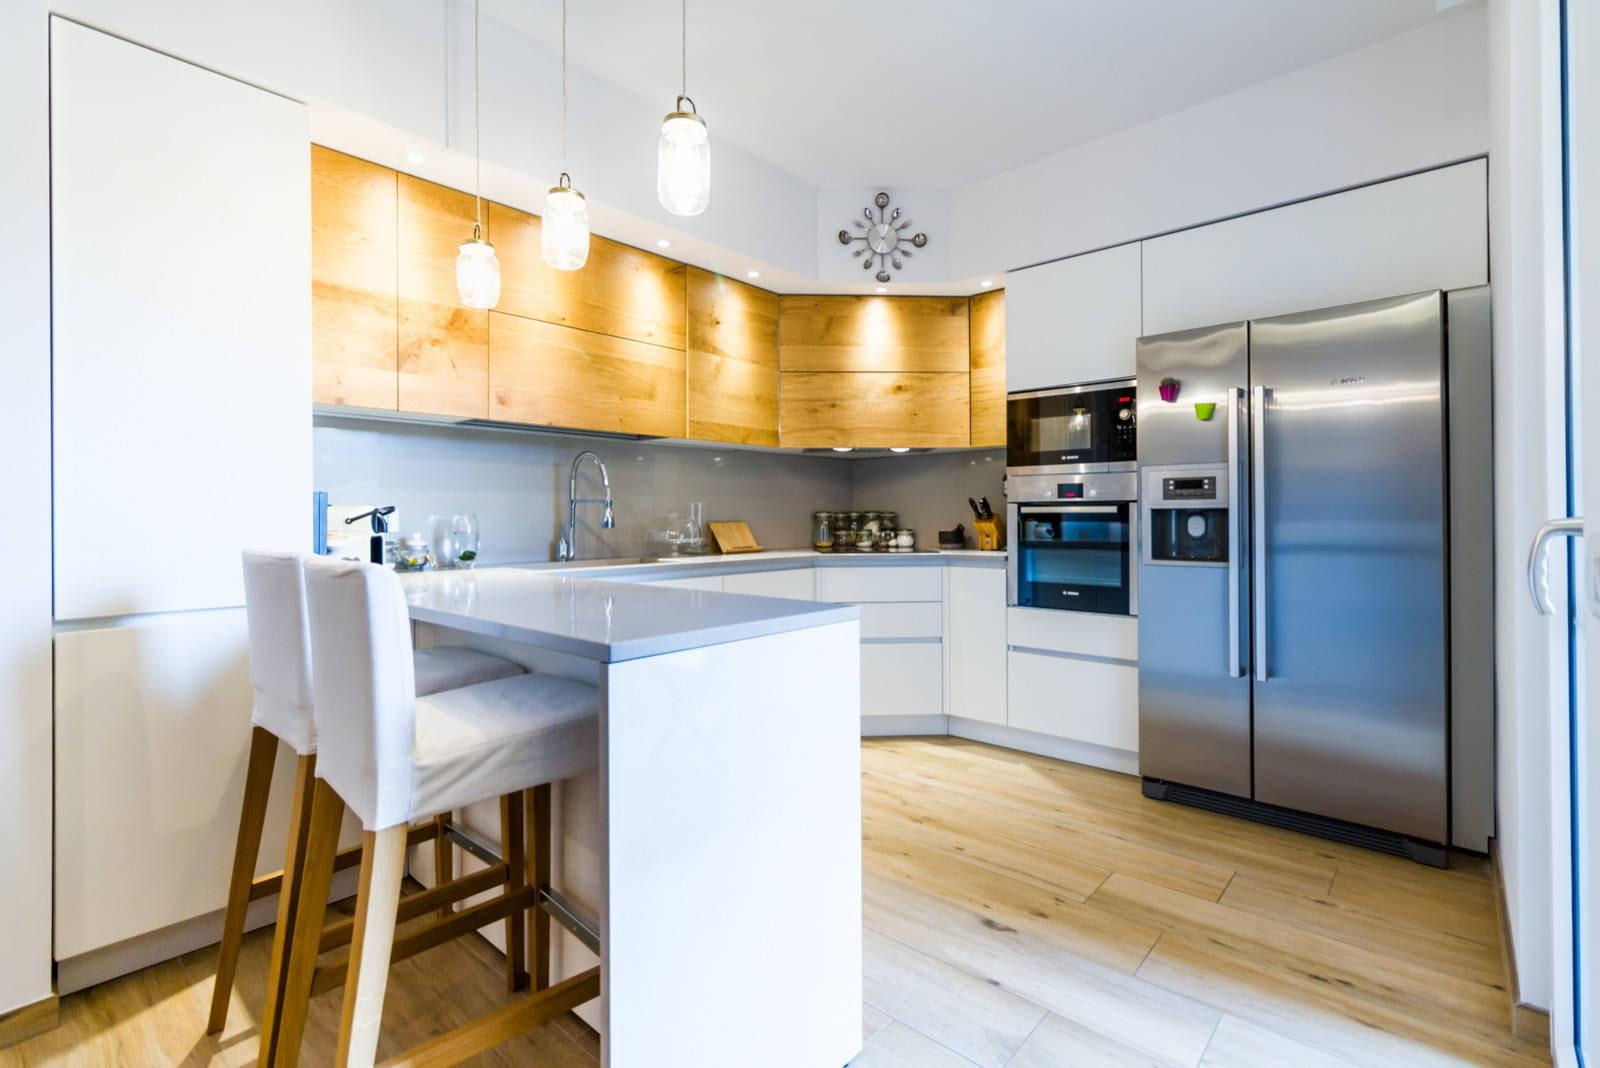 Планировка кухни - угловая, прямая и другие с фото примерами